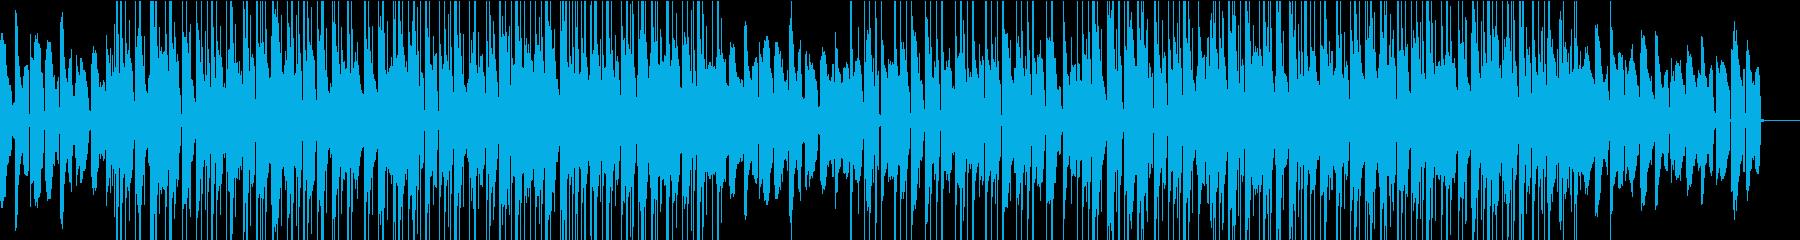 メロウなブレイクビーツの再生済みの波形